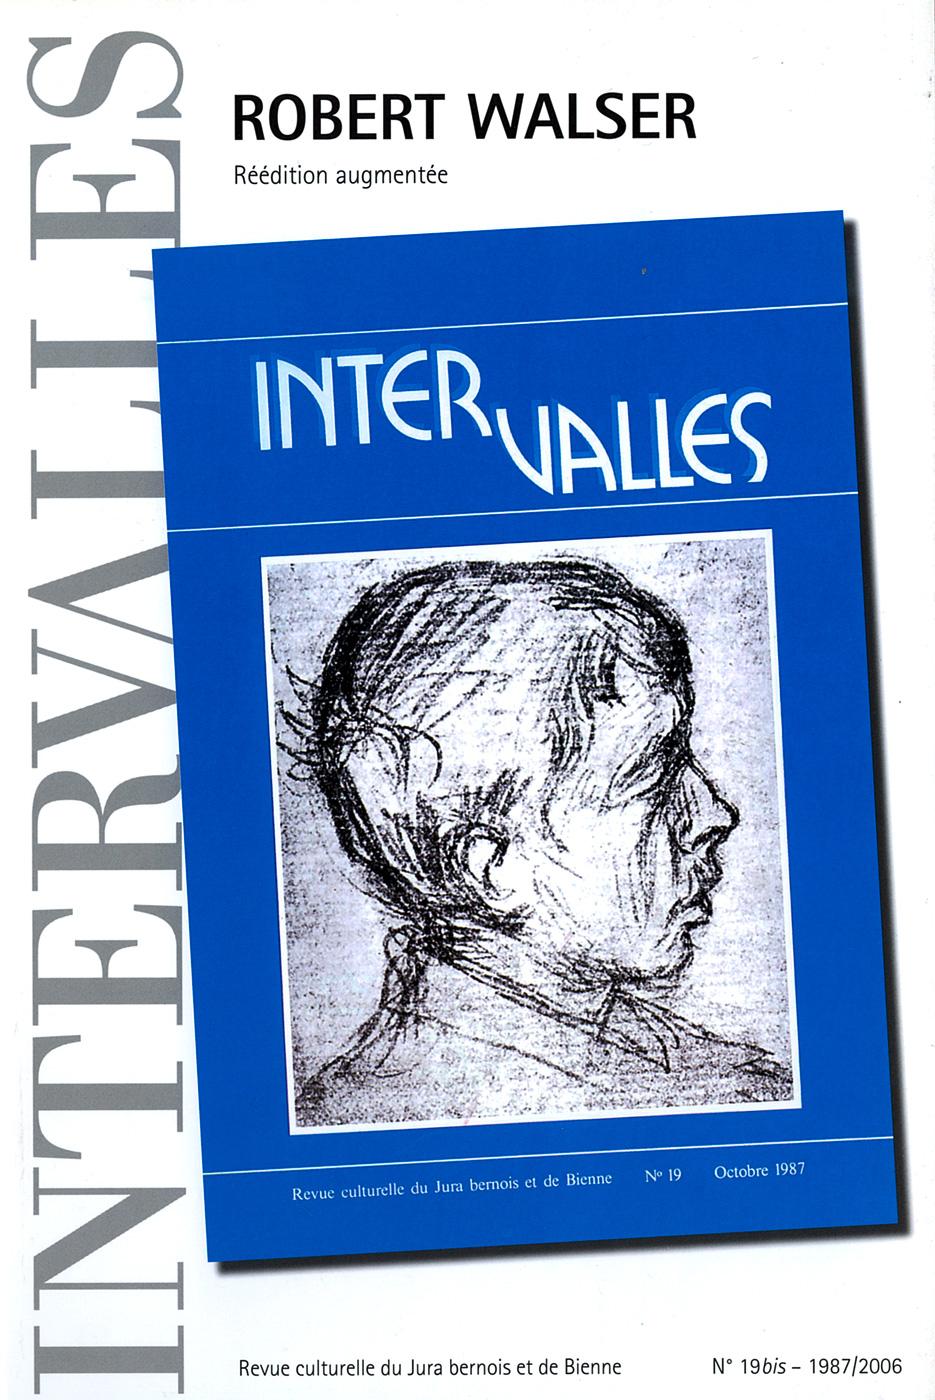 No 19bis – Robert Walser, réédition augmentée